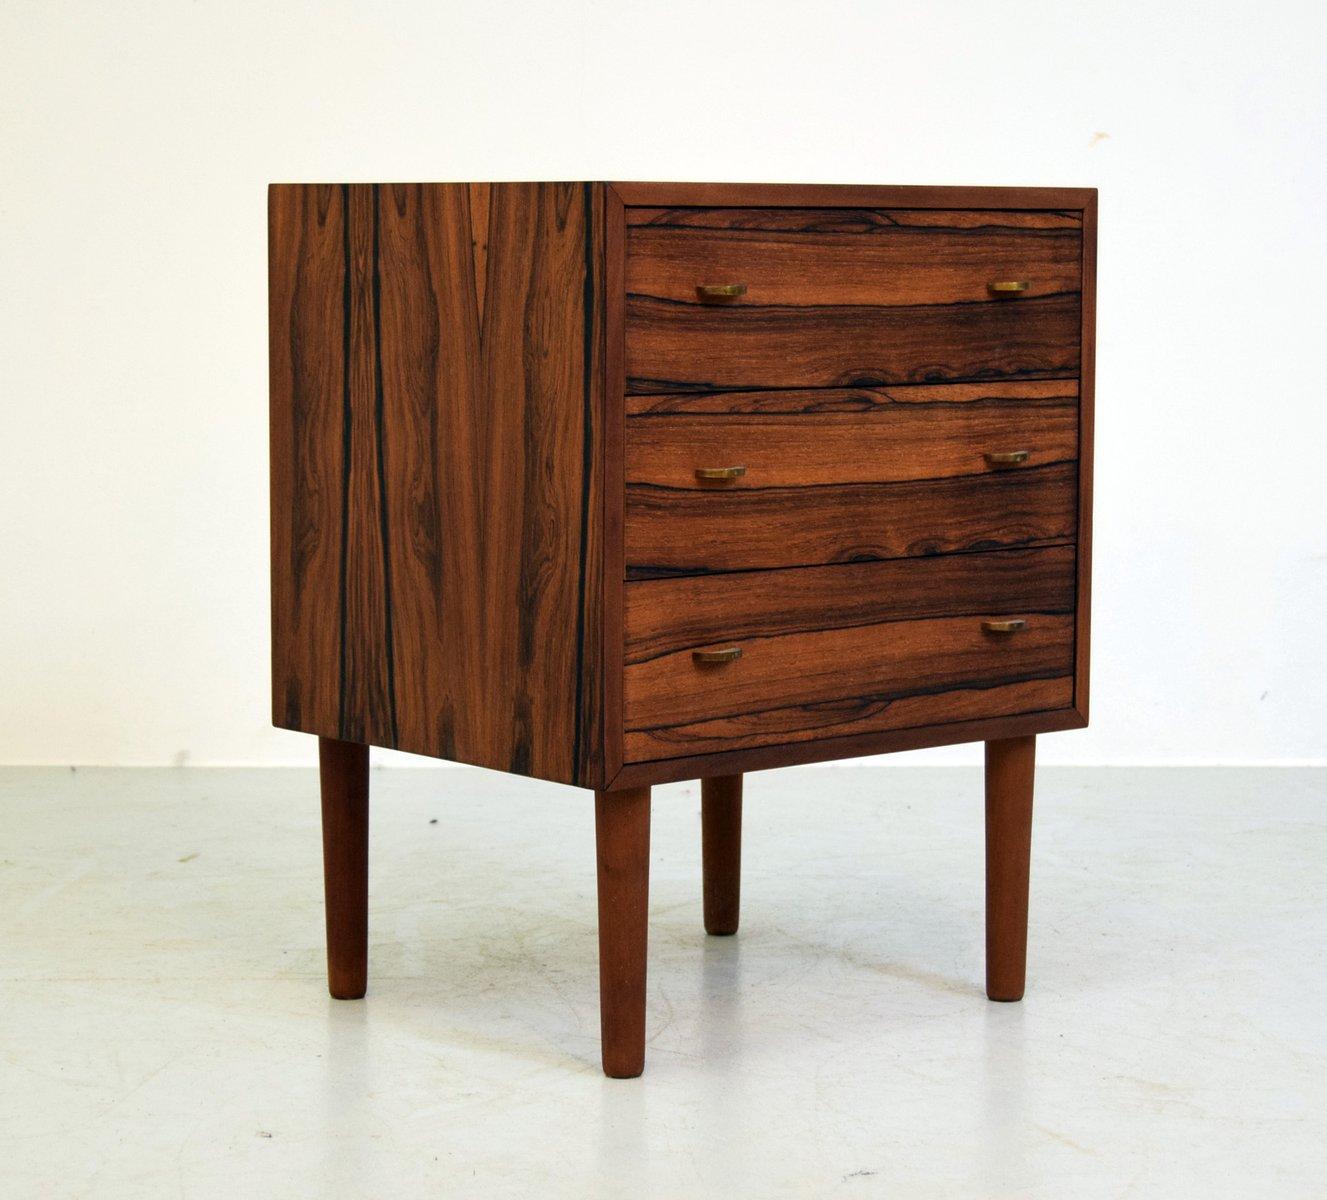 palisanderholz kommode von thorbj rn afdahl f r mellemstrands tr vareindustri 1960er bei pamono. Black Bedroom Furniture Sets. Home Design Ideas